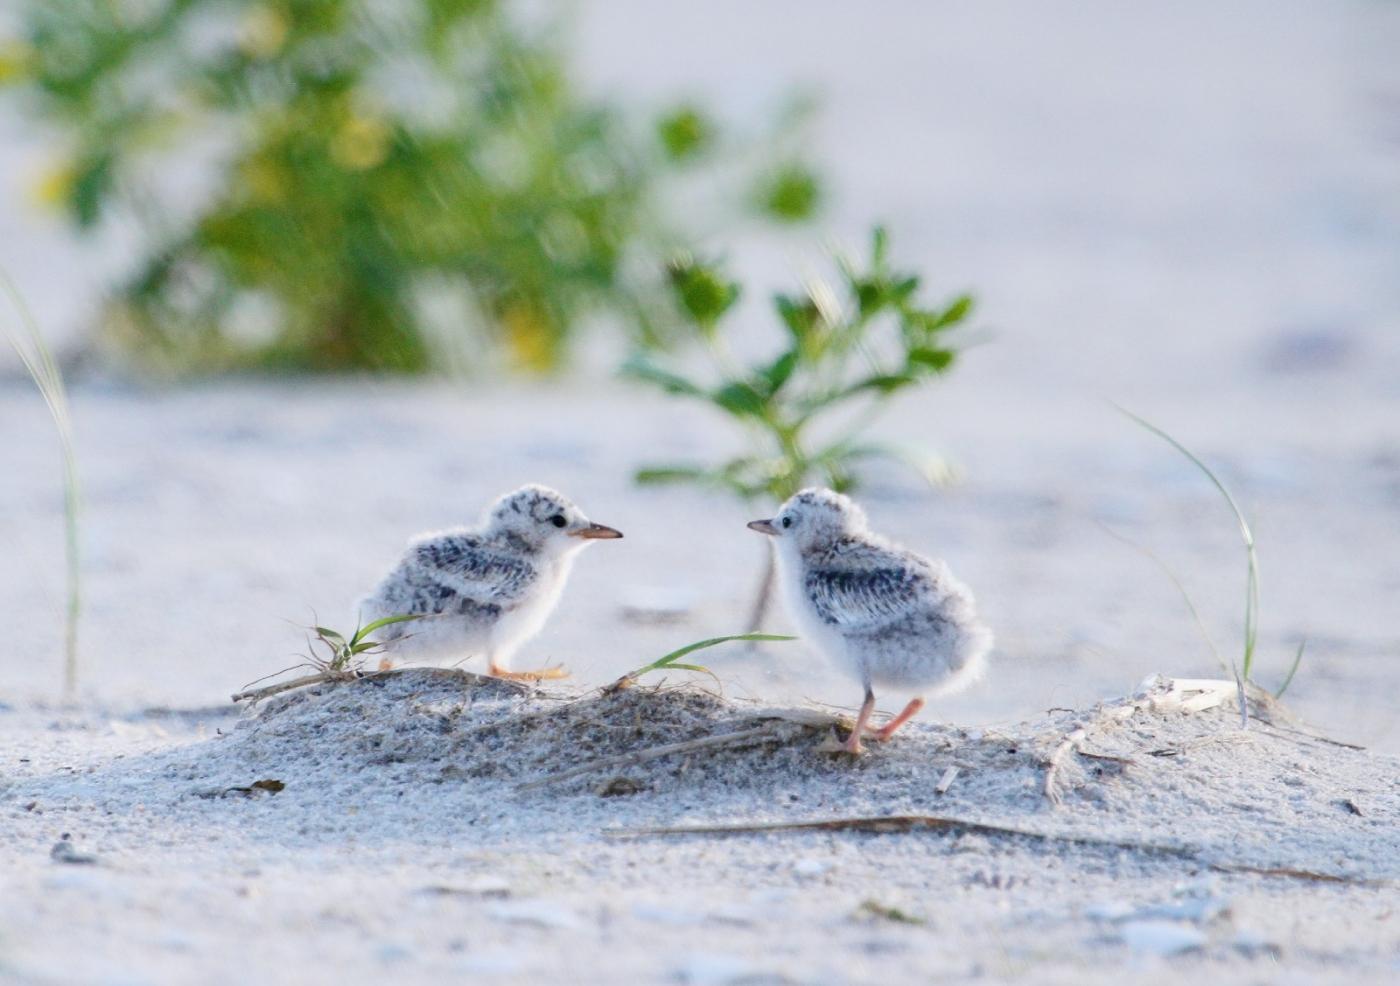 【田螺摄影】黄嘴燕鸥整个出生成长的过程_图1-26